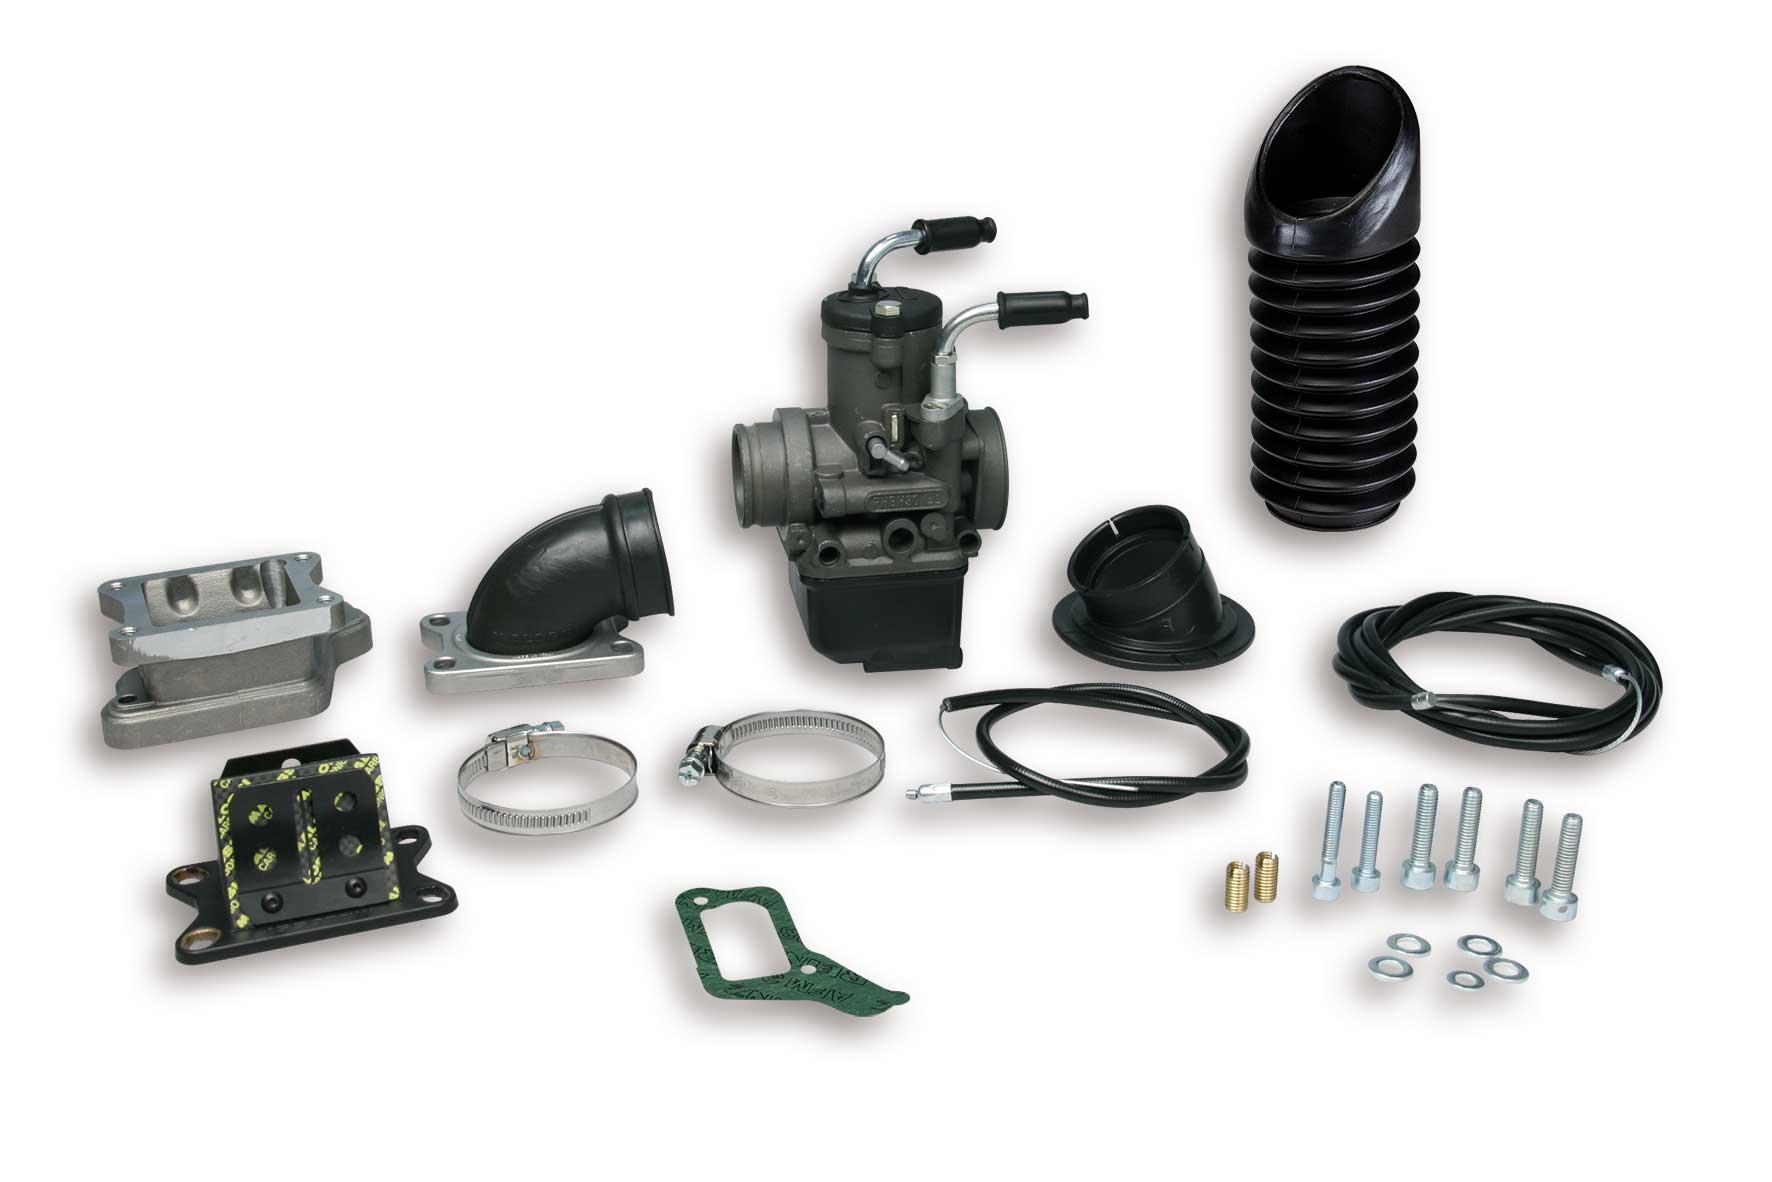 Impianto alimentazione PHBH 30 B lamellare al carter per Vespa PX E 2T 200 cc